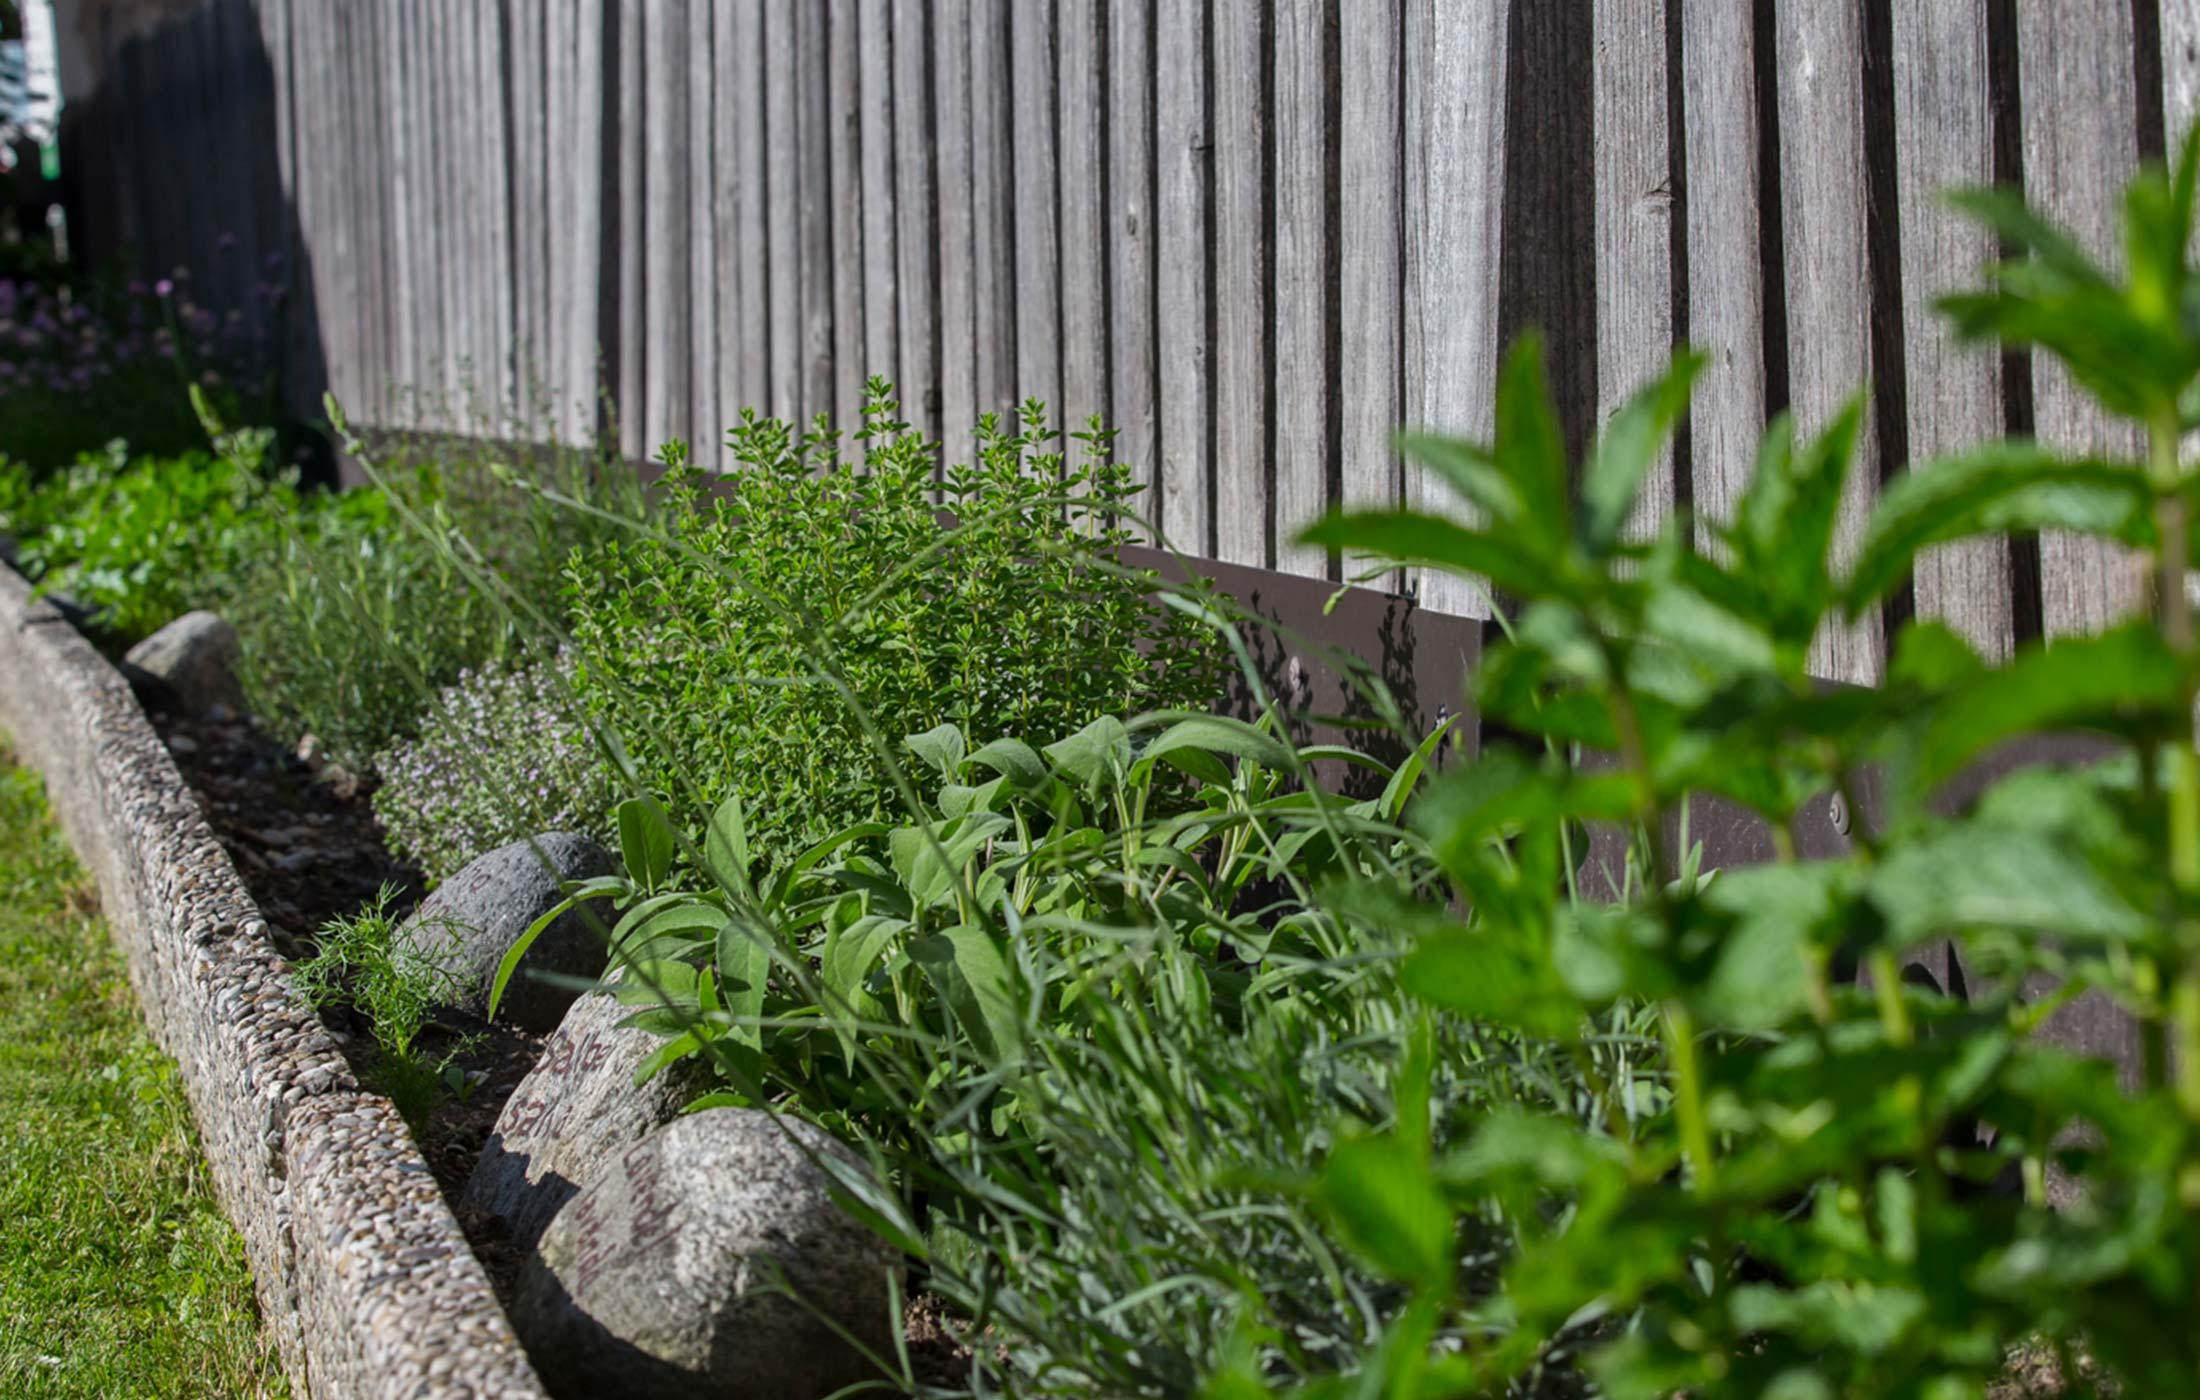 Christlrumerhof Unsere Produkte unser Kräutergarten